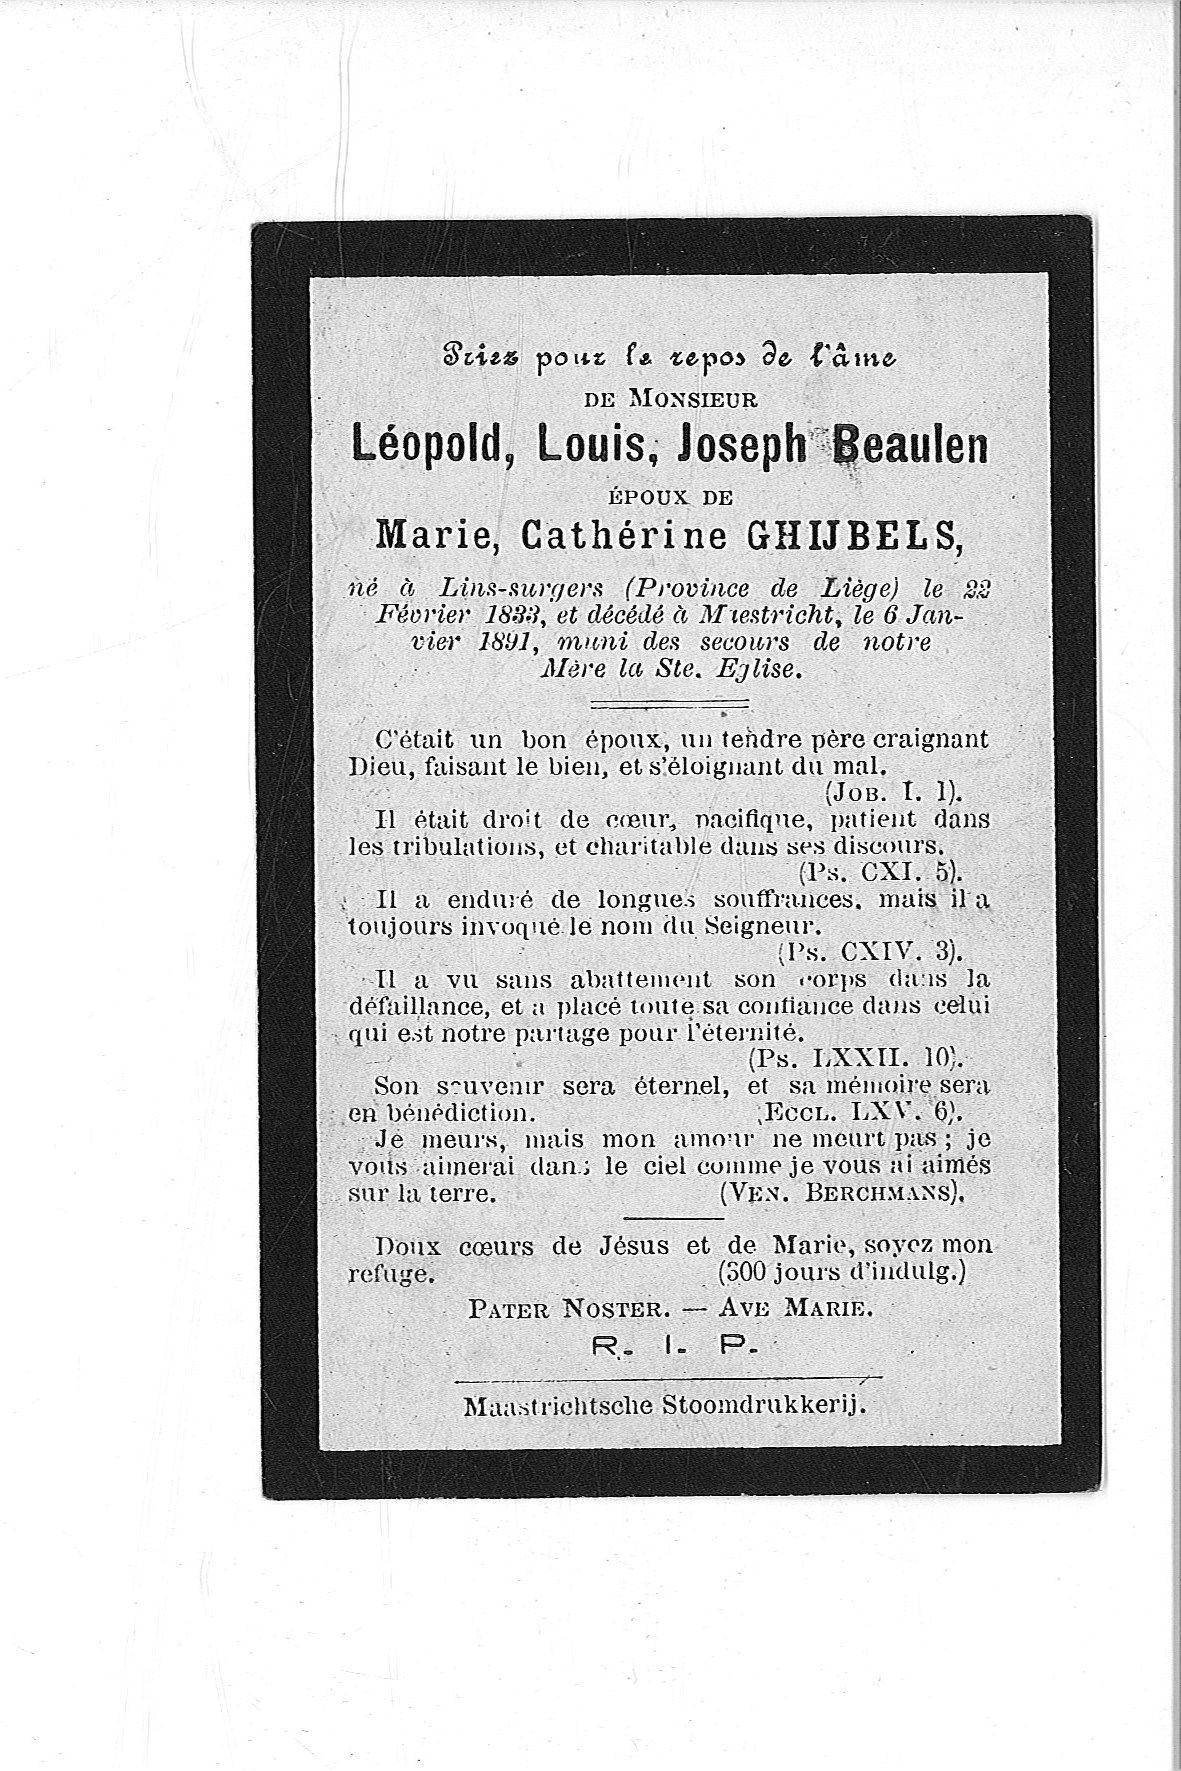 léopold-louis-joseph(1891)20090804095126_00051.jpg